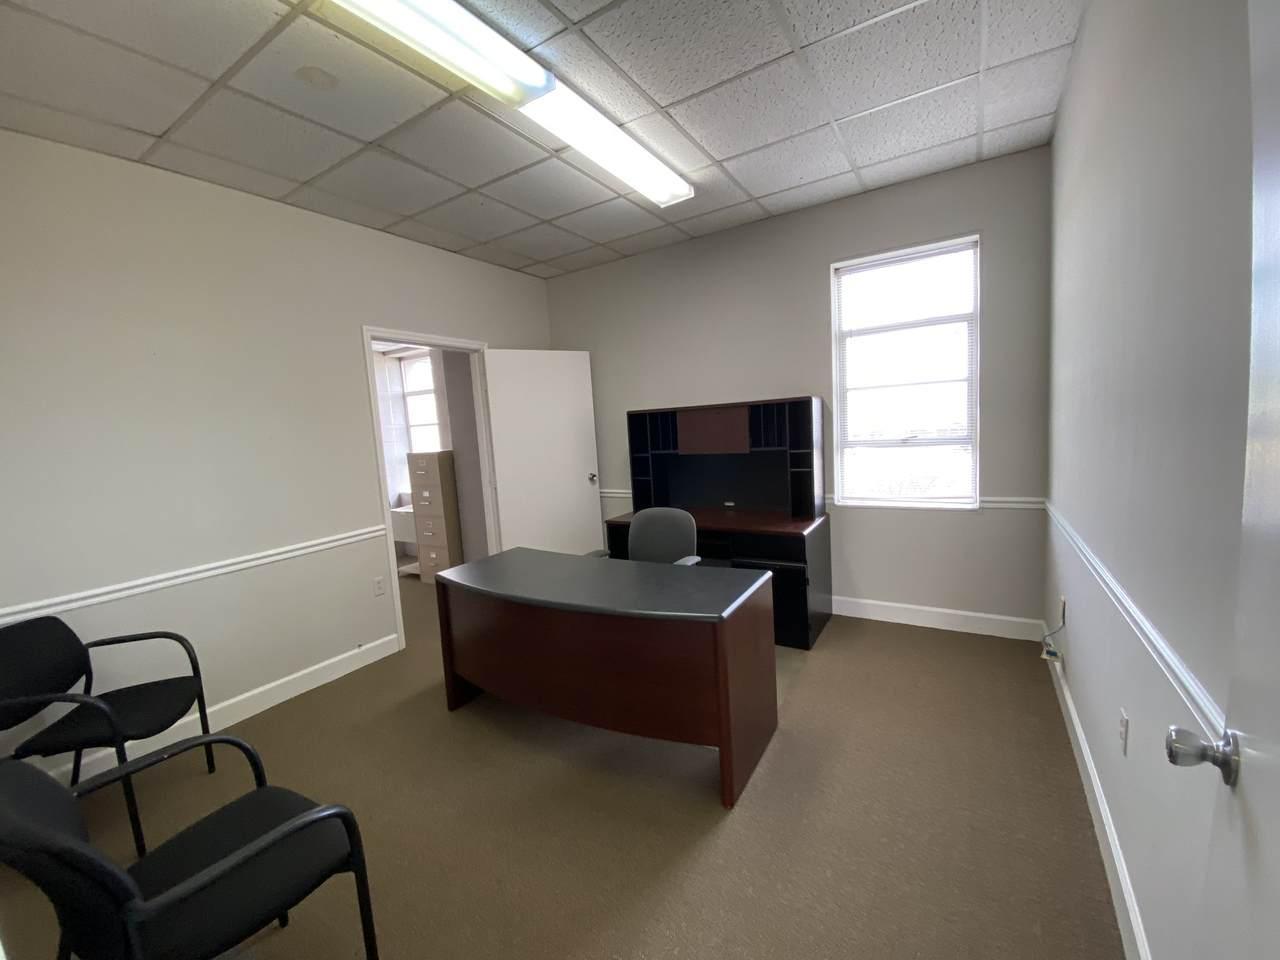 315 W Main St Suite 38 - Photo 1